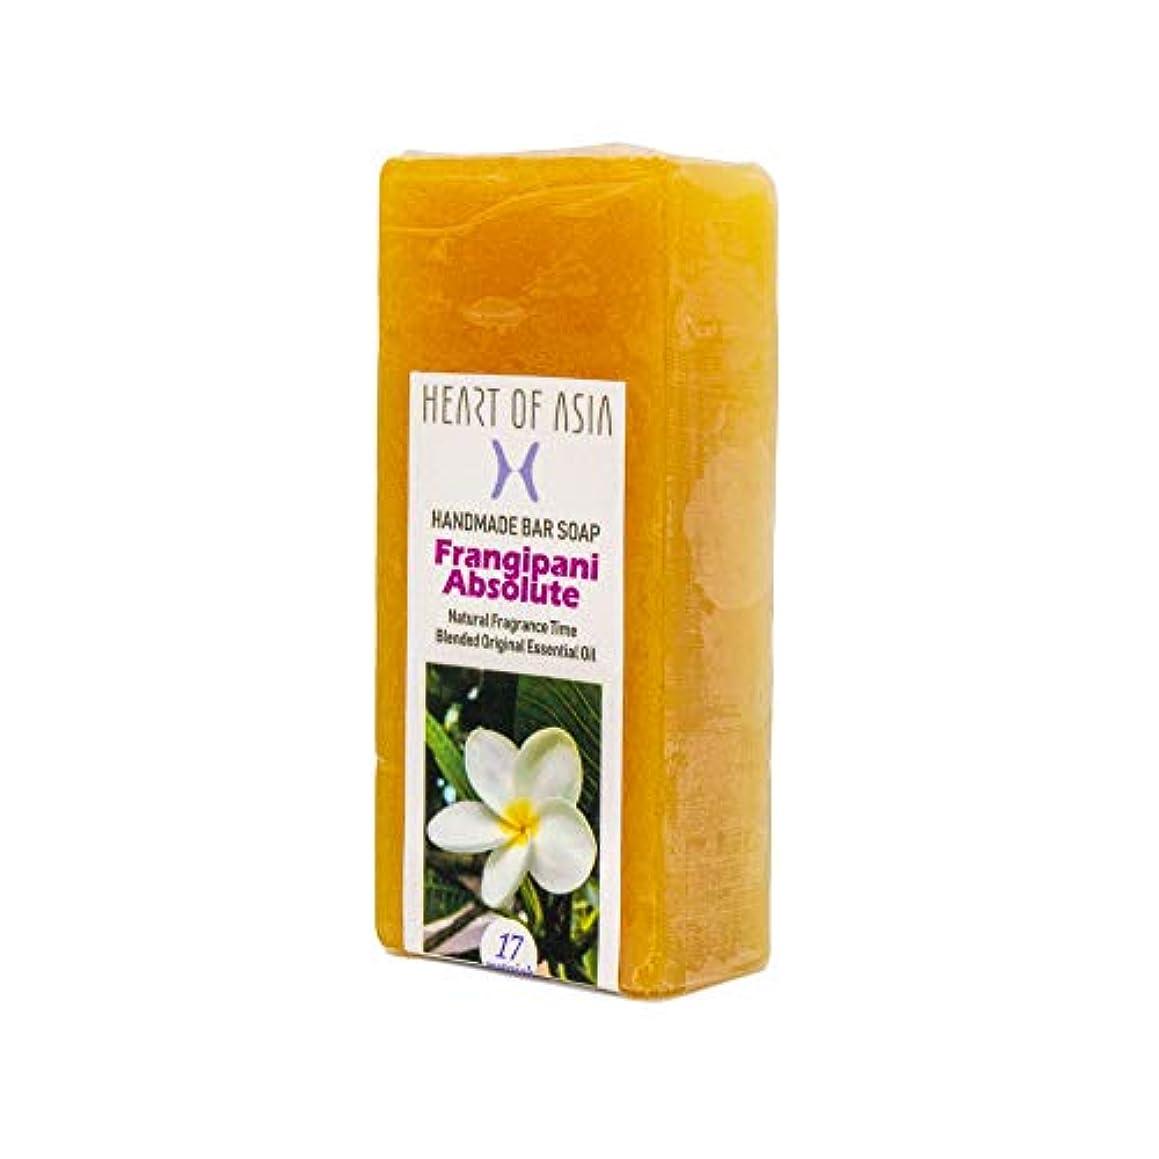 使い込む推論対象香水のようなフレグランス石けん HANDMADE BAR SOAP ~Frangipani Absolute~ (単品)